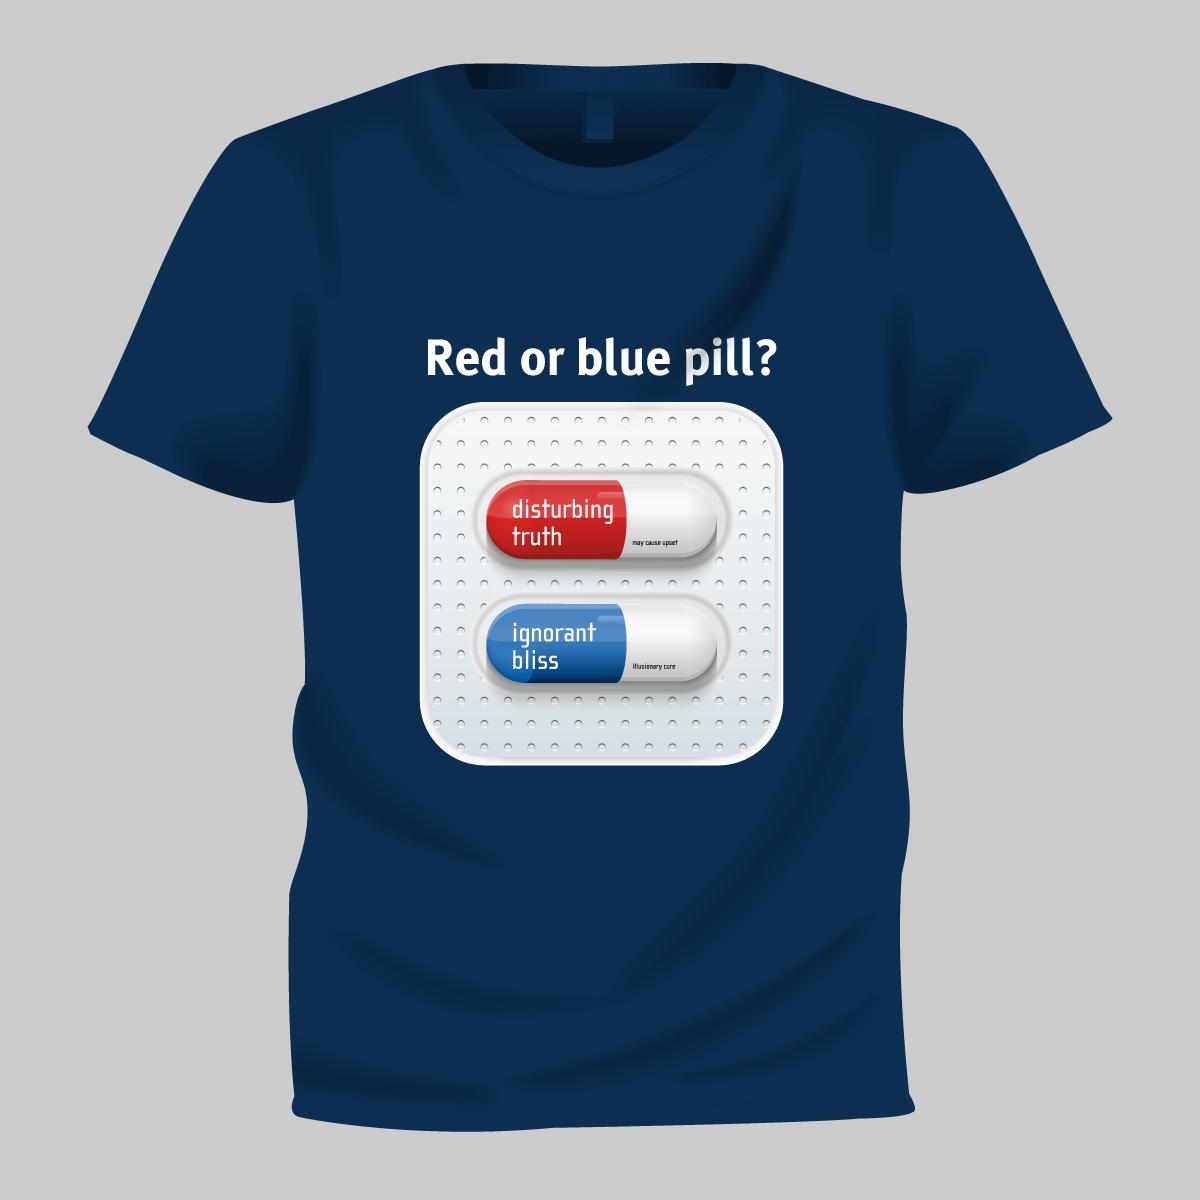 T-shirts zijn in diverse kleuren verkrijgbaar op Zazzle